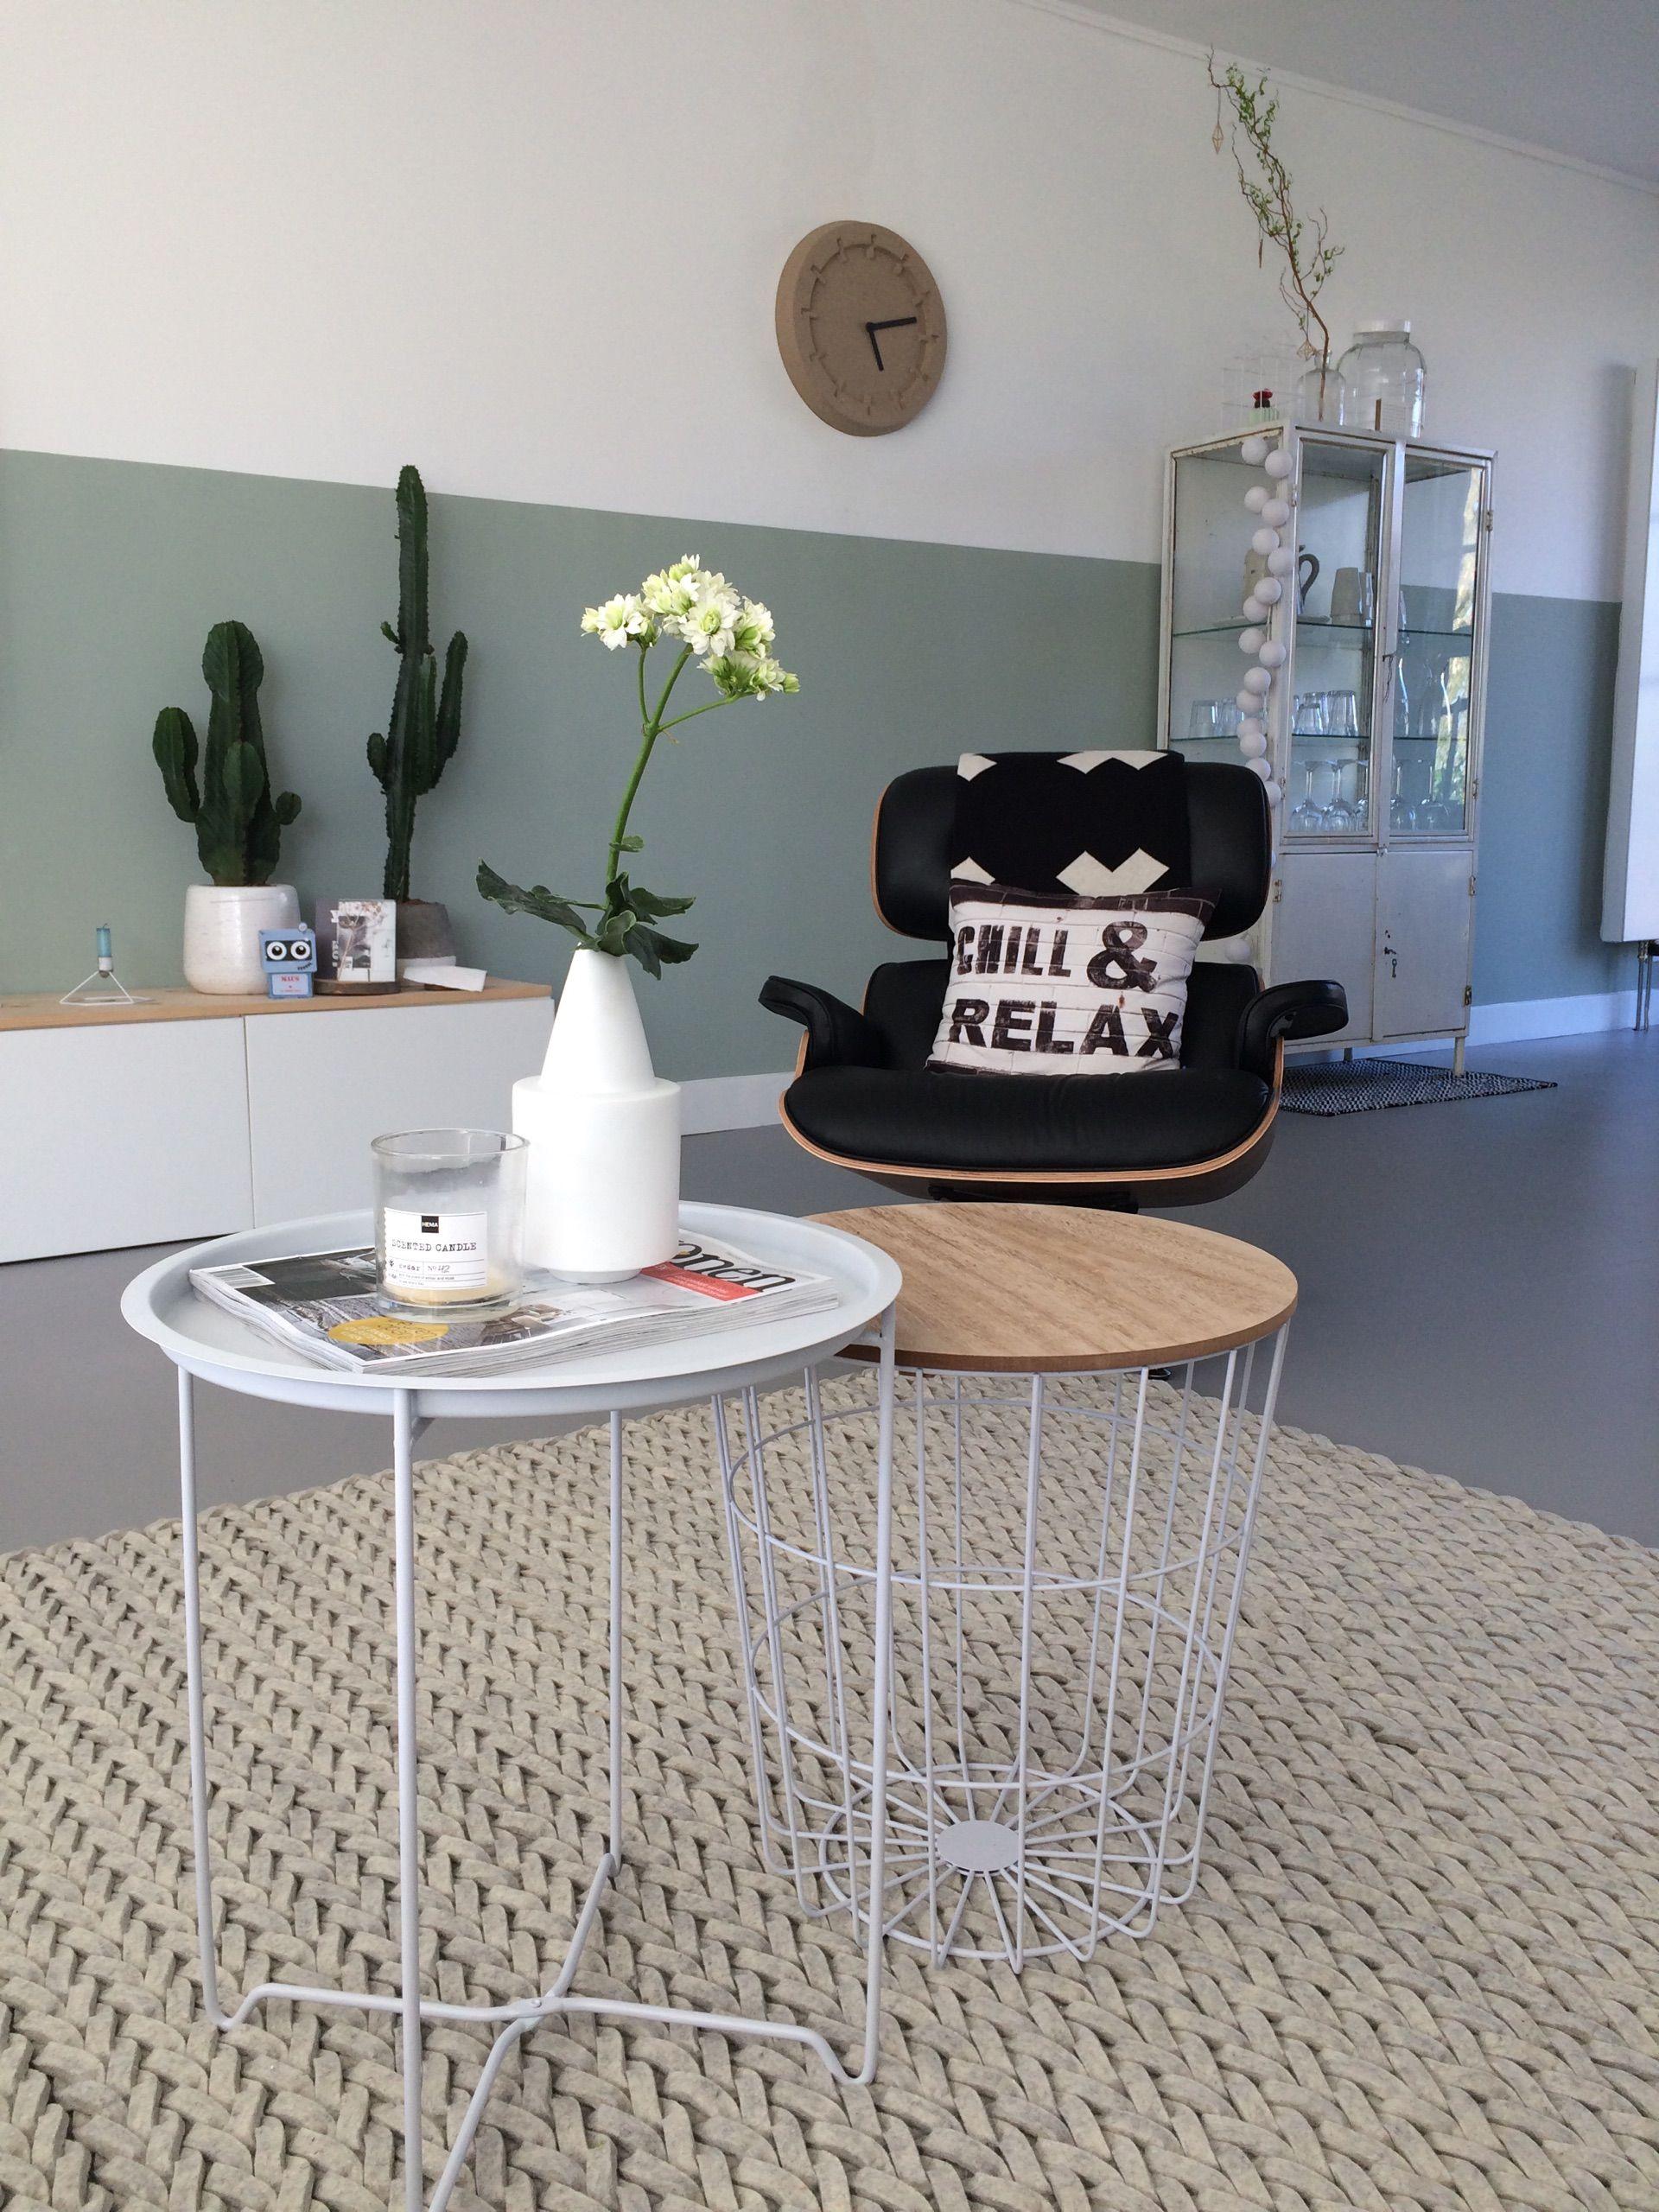 flexa creation early dew : Woonkamer Binnenkijken Bij Dbarnas Living Rooms Room And